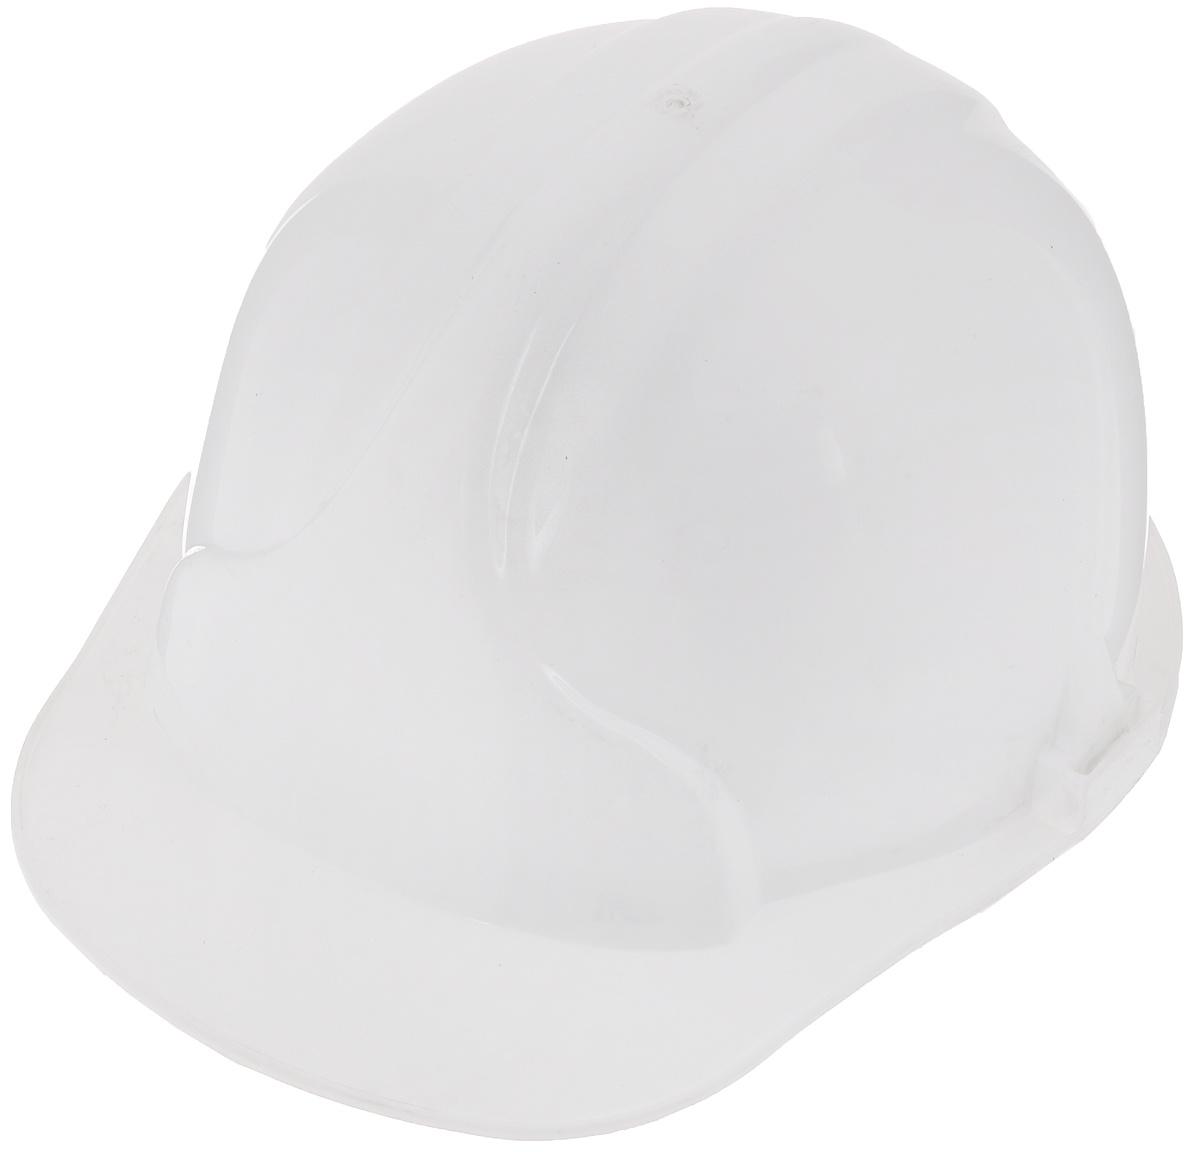 Строительная каска, цвет: белый #1